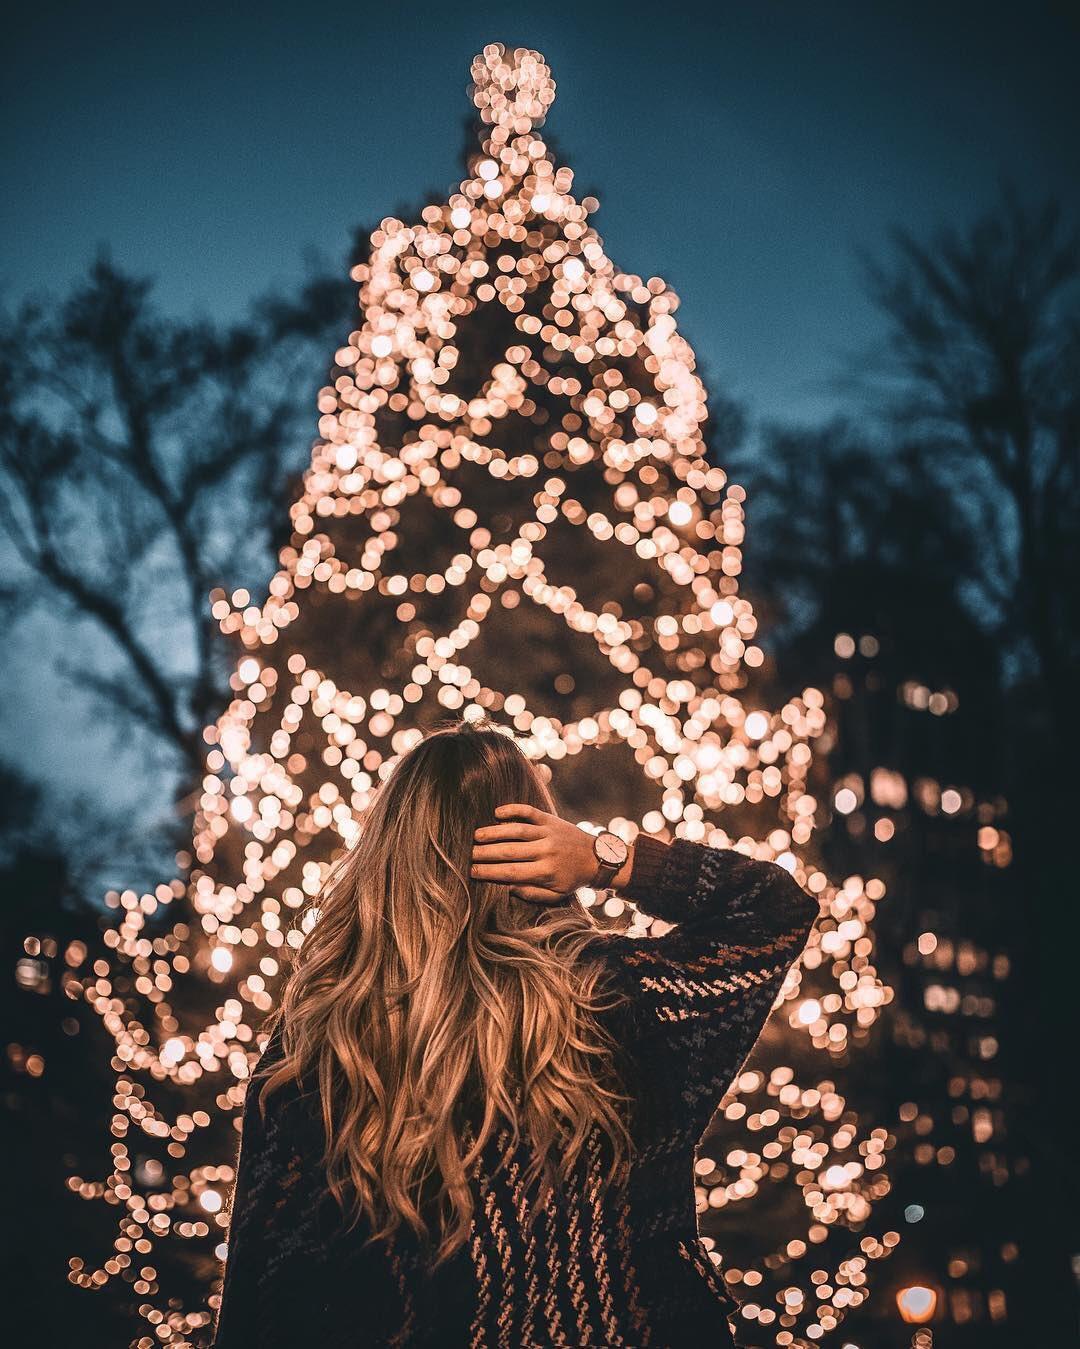 عکس زمینه درخت کریسمس روشن دخترانه پس زمینه